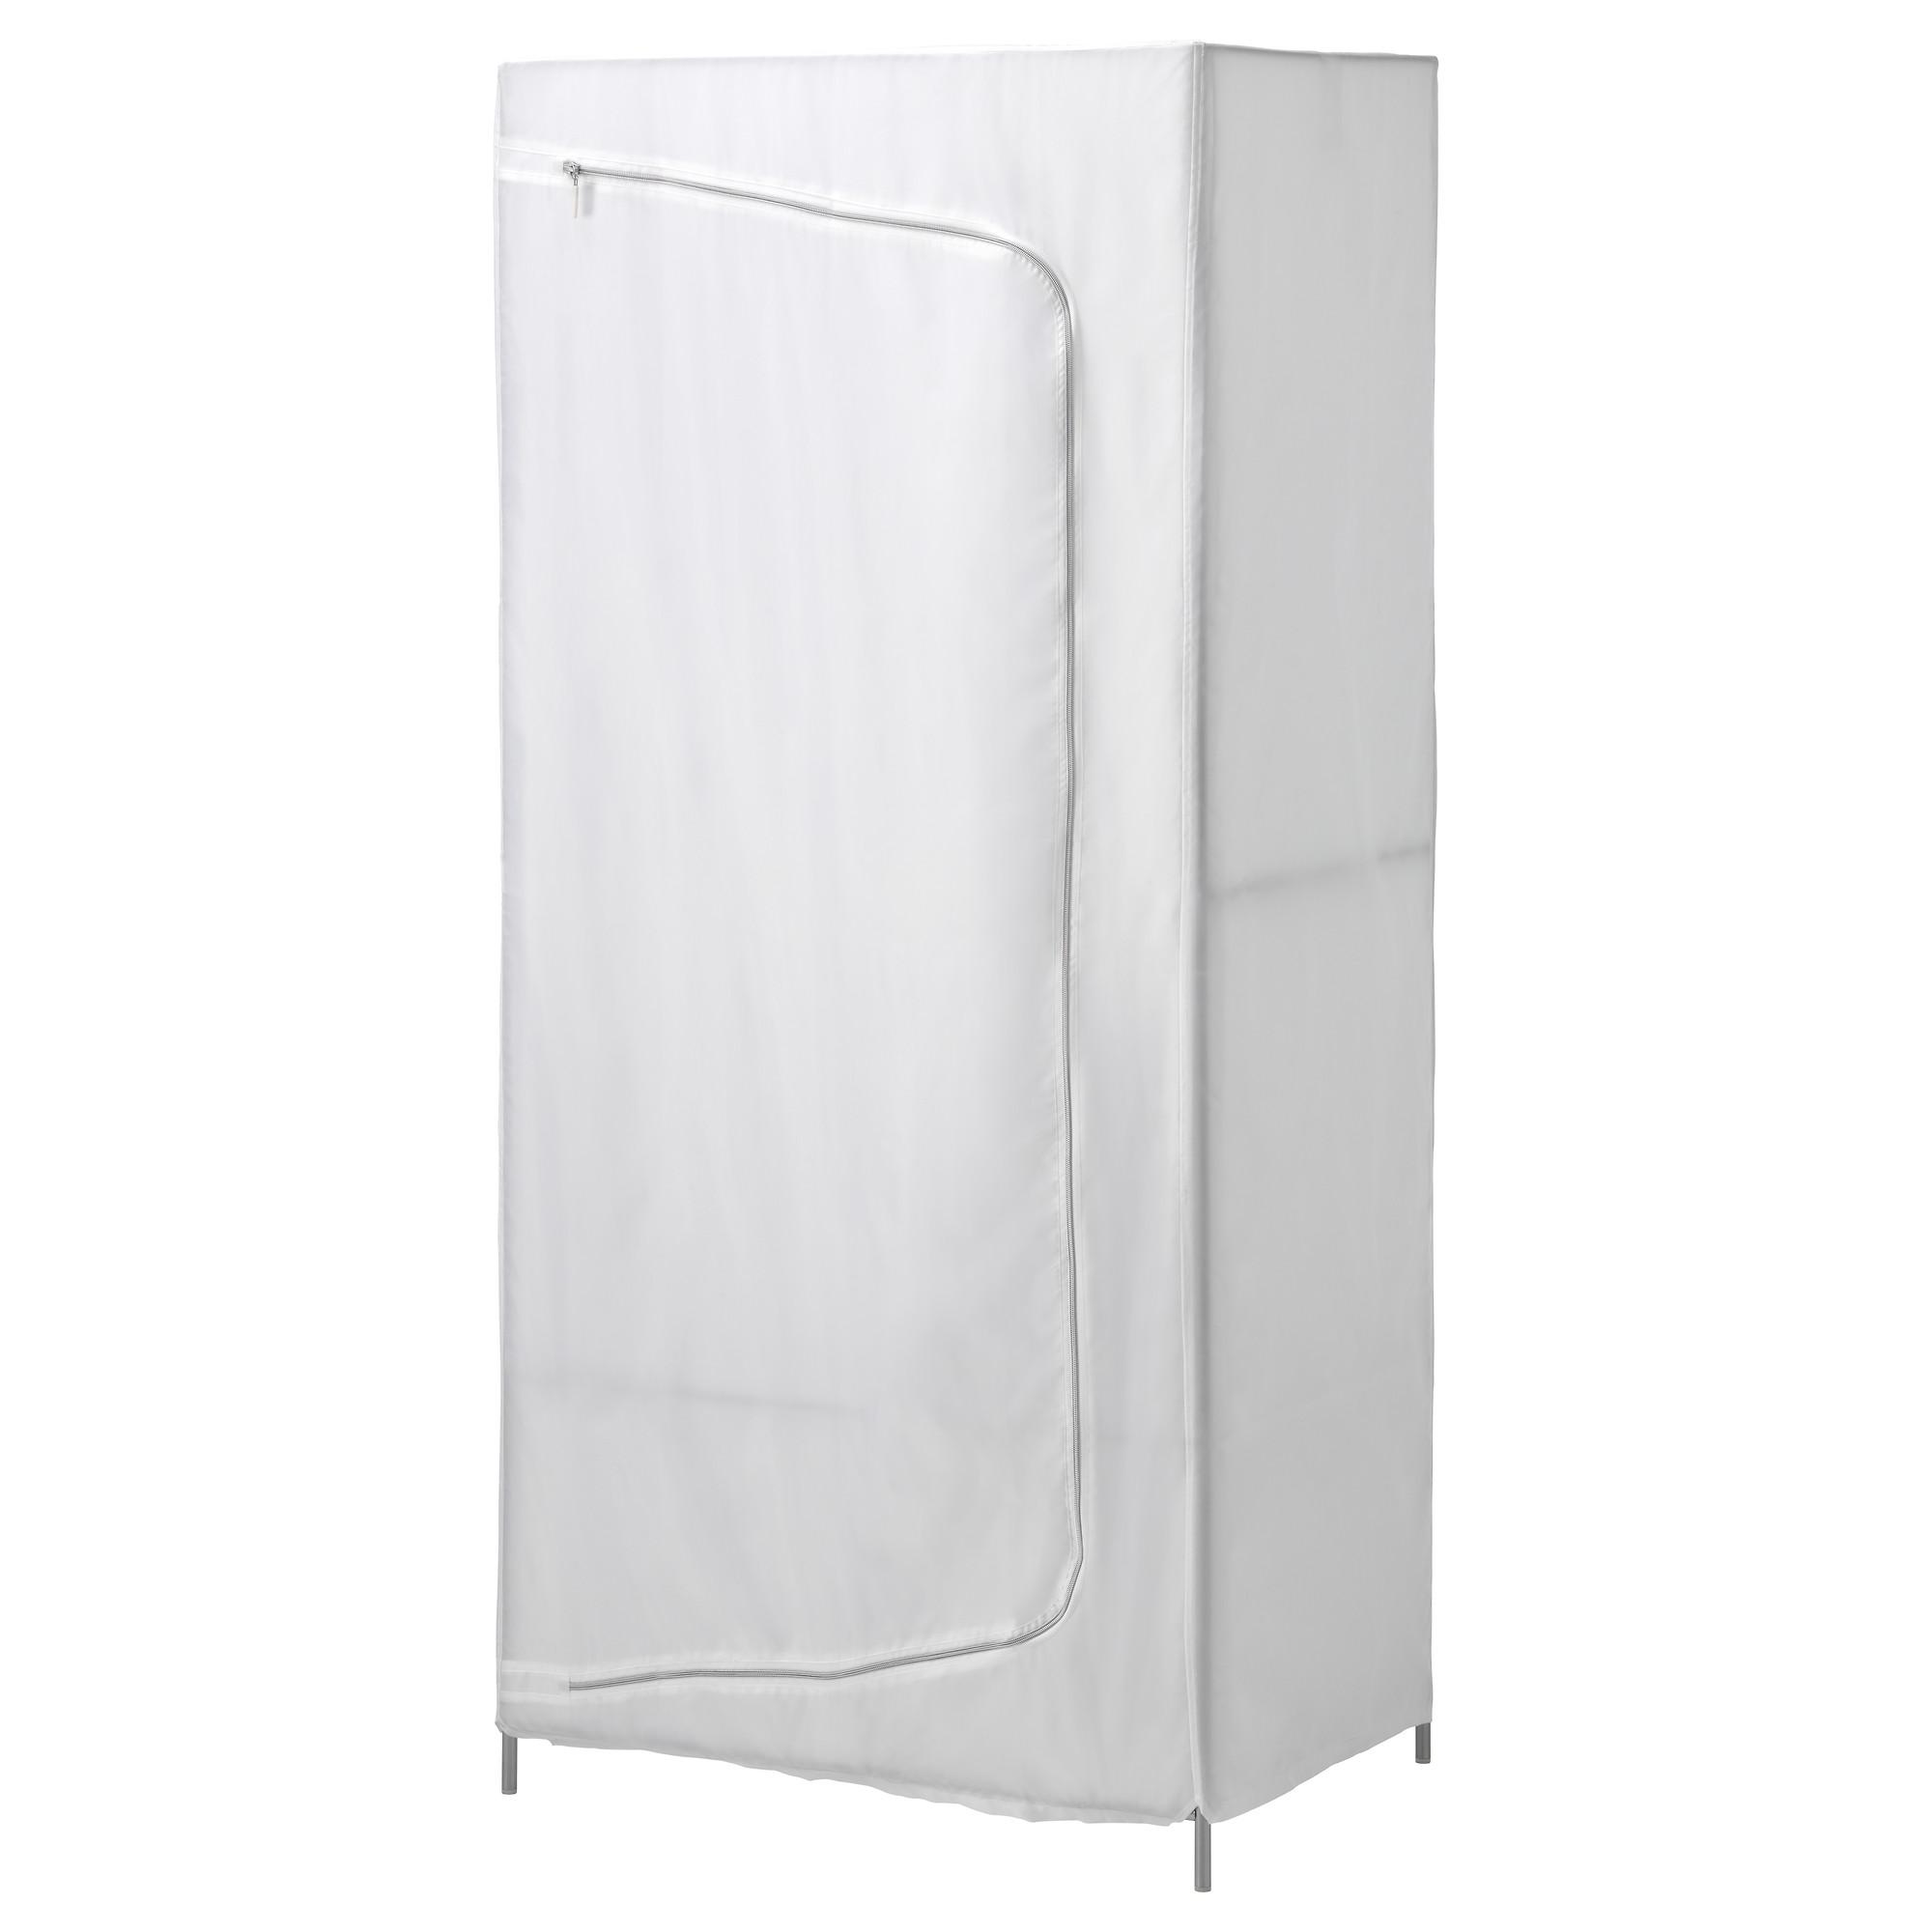 Гардероб БРЕЙМ белый артикуль № 203.943.79 в наличии. Интернет каталог IKEA РБ. Недорогая доставка и соборка.